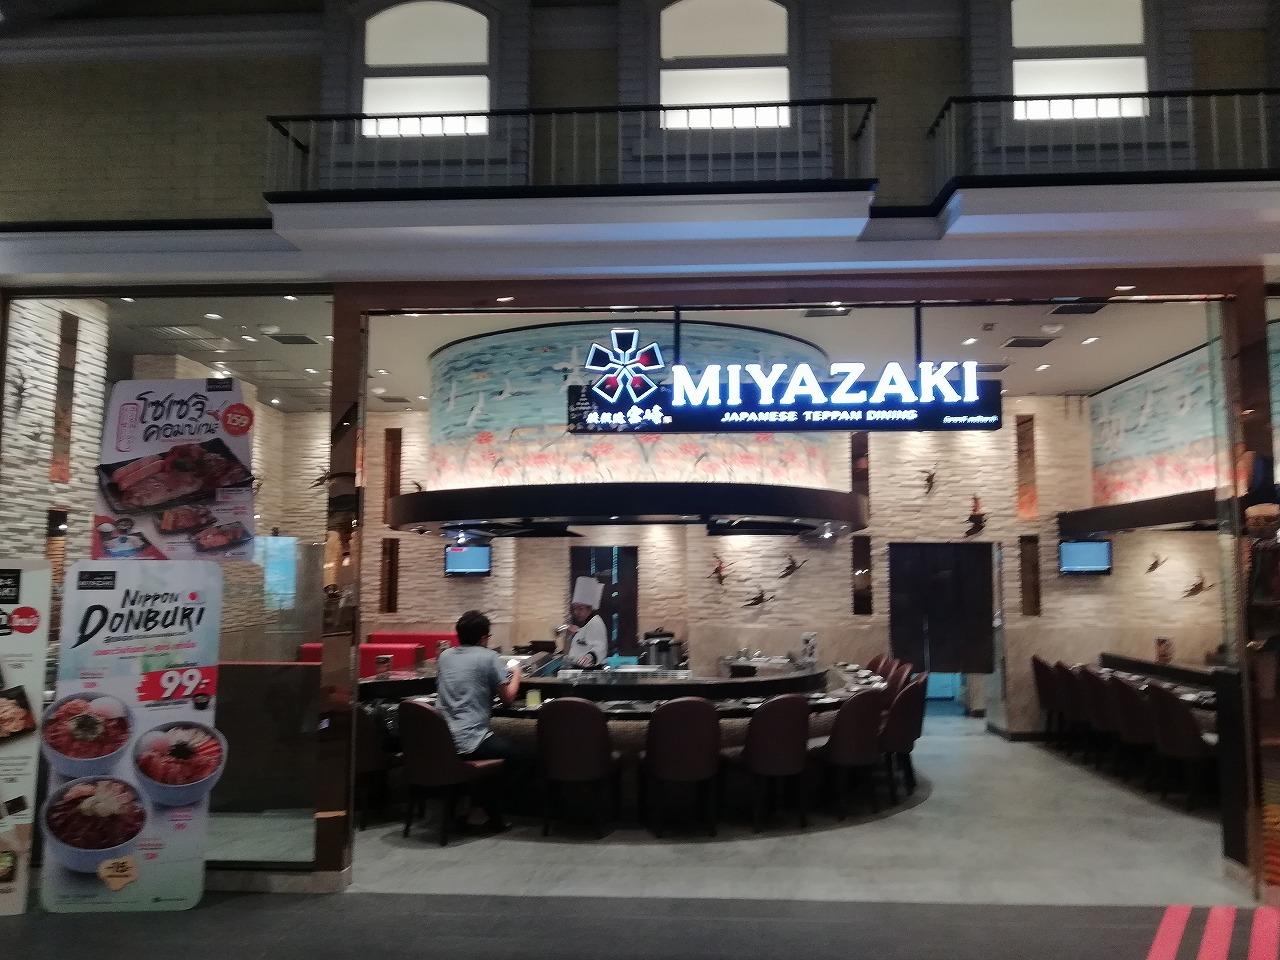 ターミナル21 コラート MIYAZAKI 写真 画像